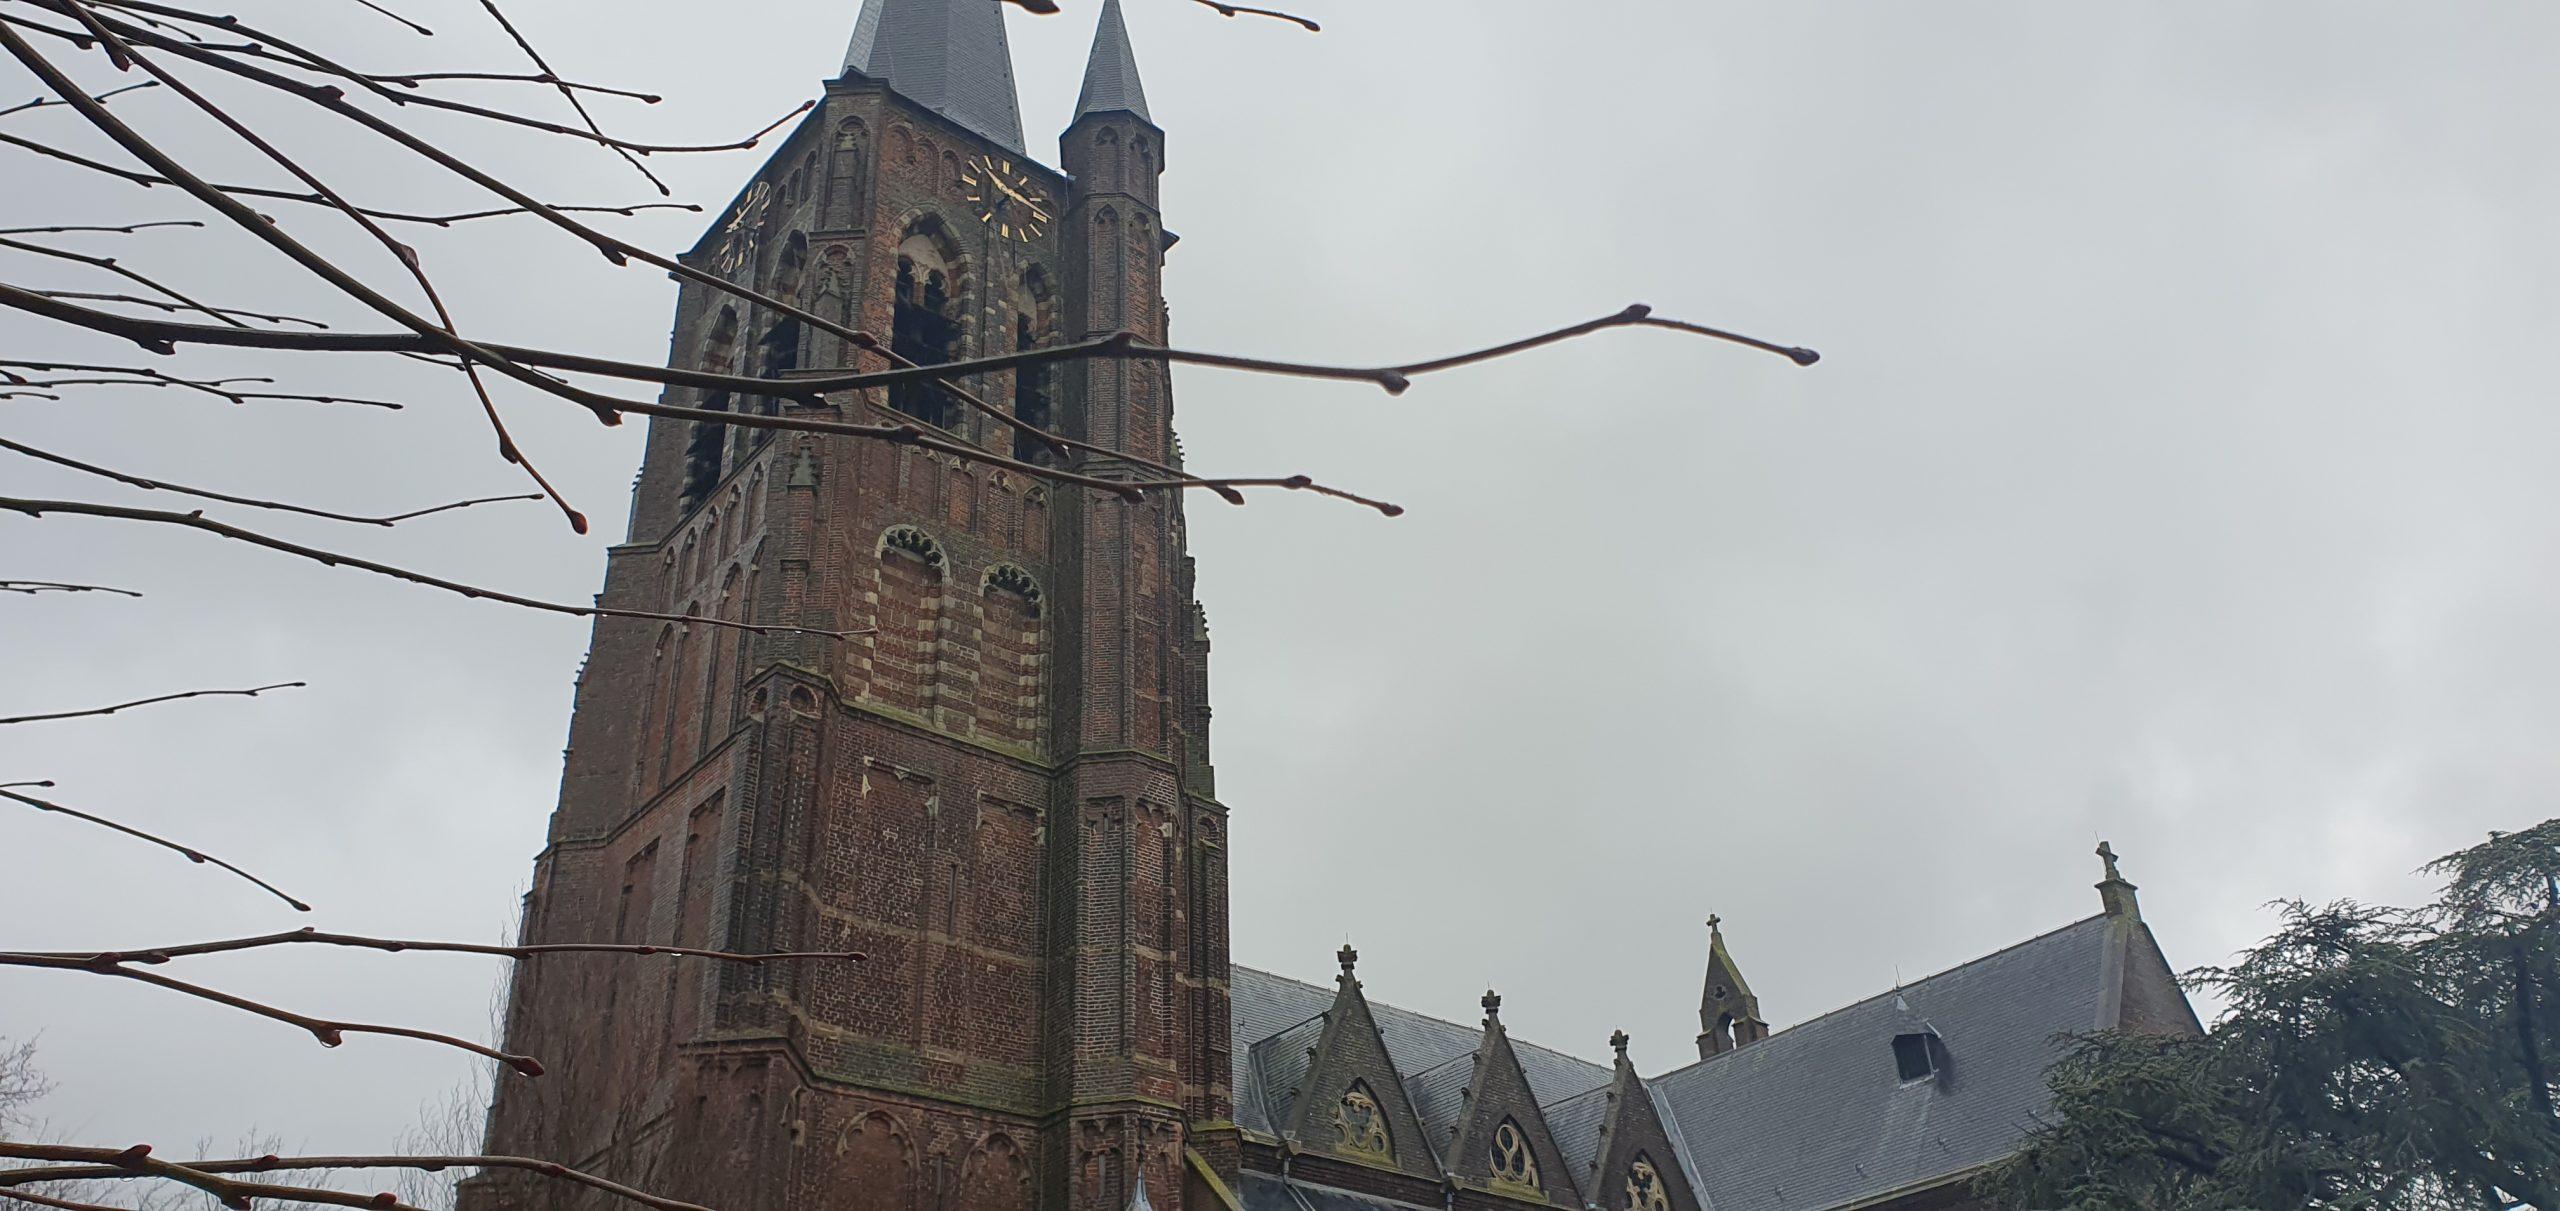 Wandeling over het Hugo de Grootpad van Tilburg naar Waalwijk bij de Sint Jans Onthoofding Kerk in Loon op Zand